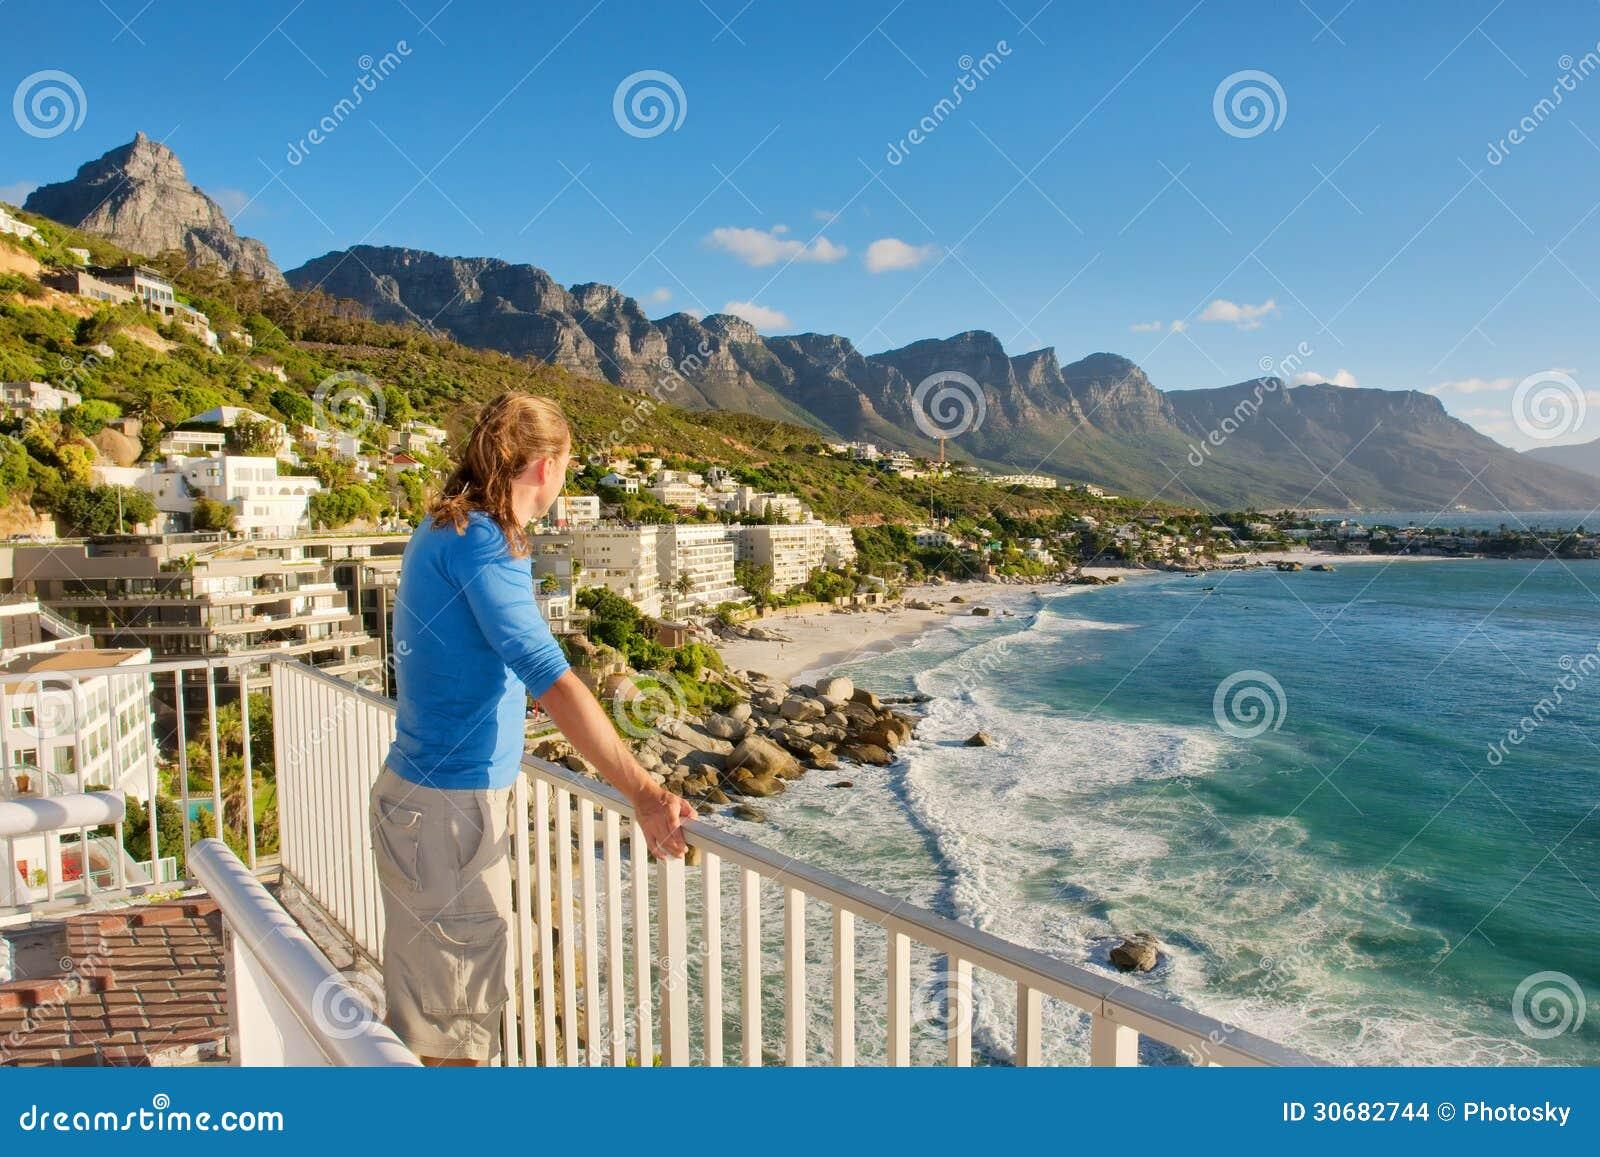 Молодой человек на террасе смотрит панораму пляжа